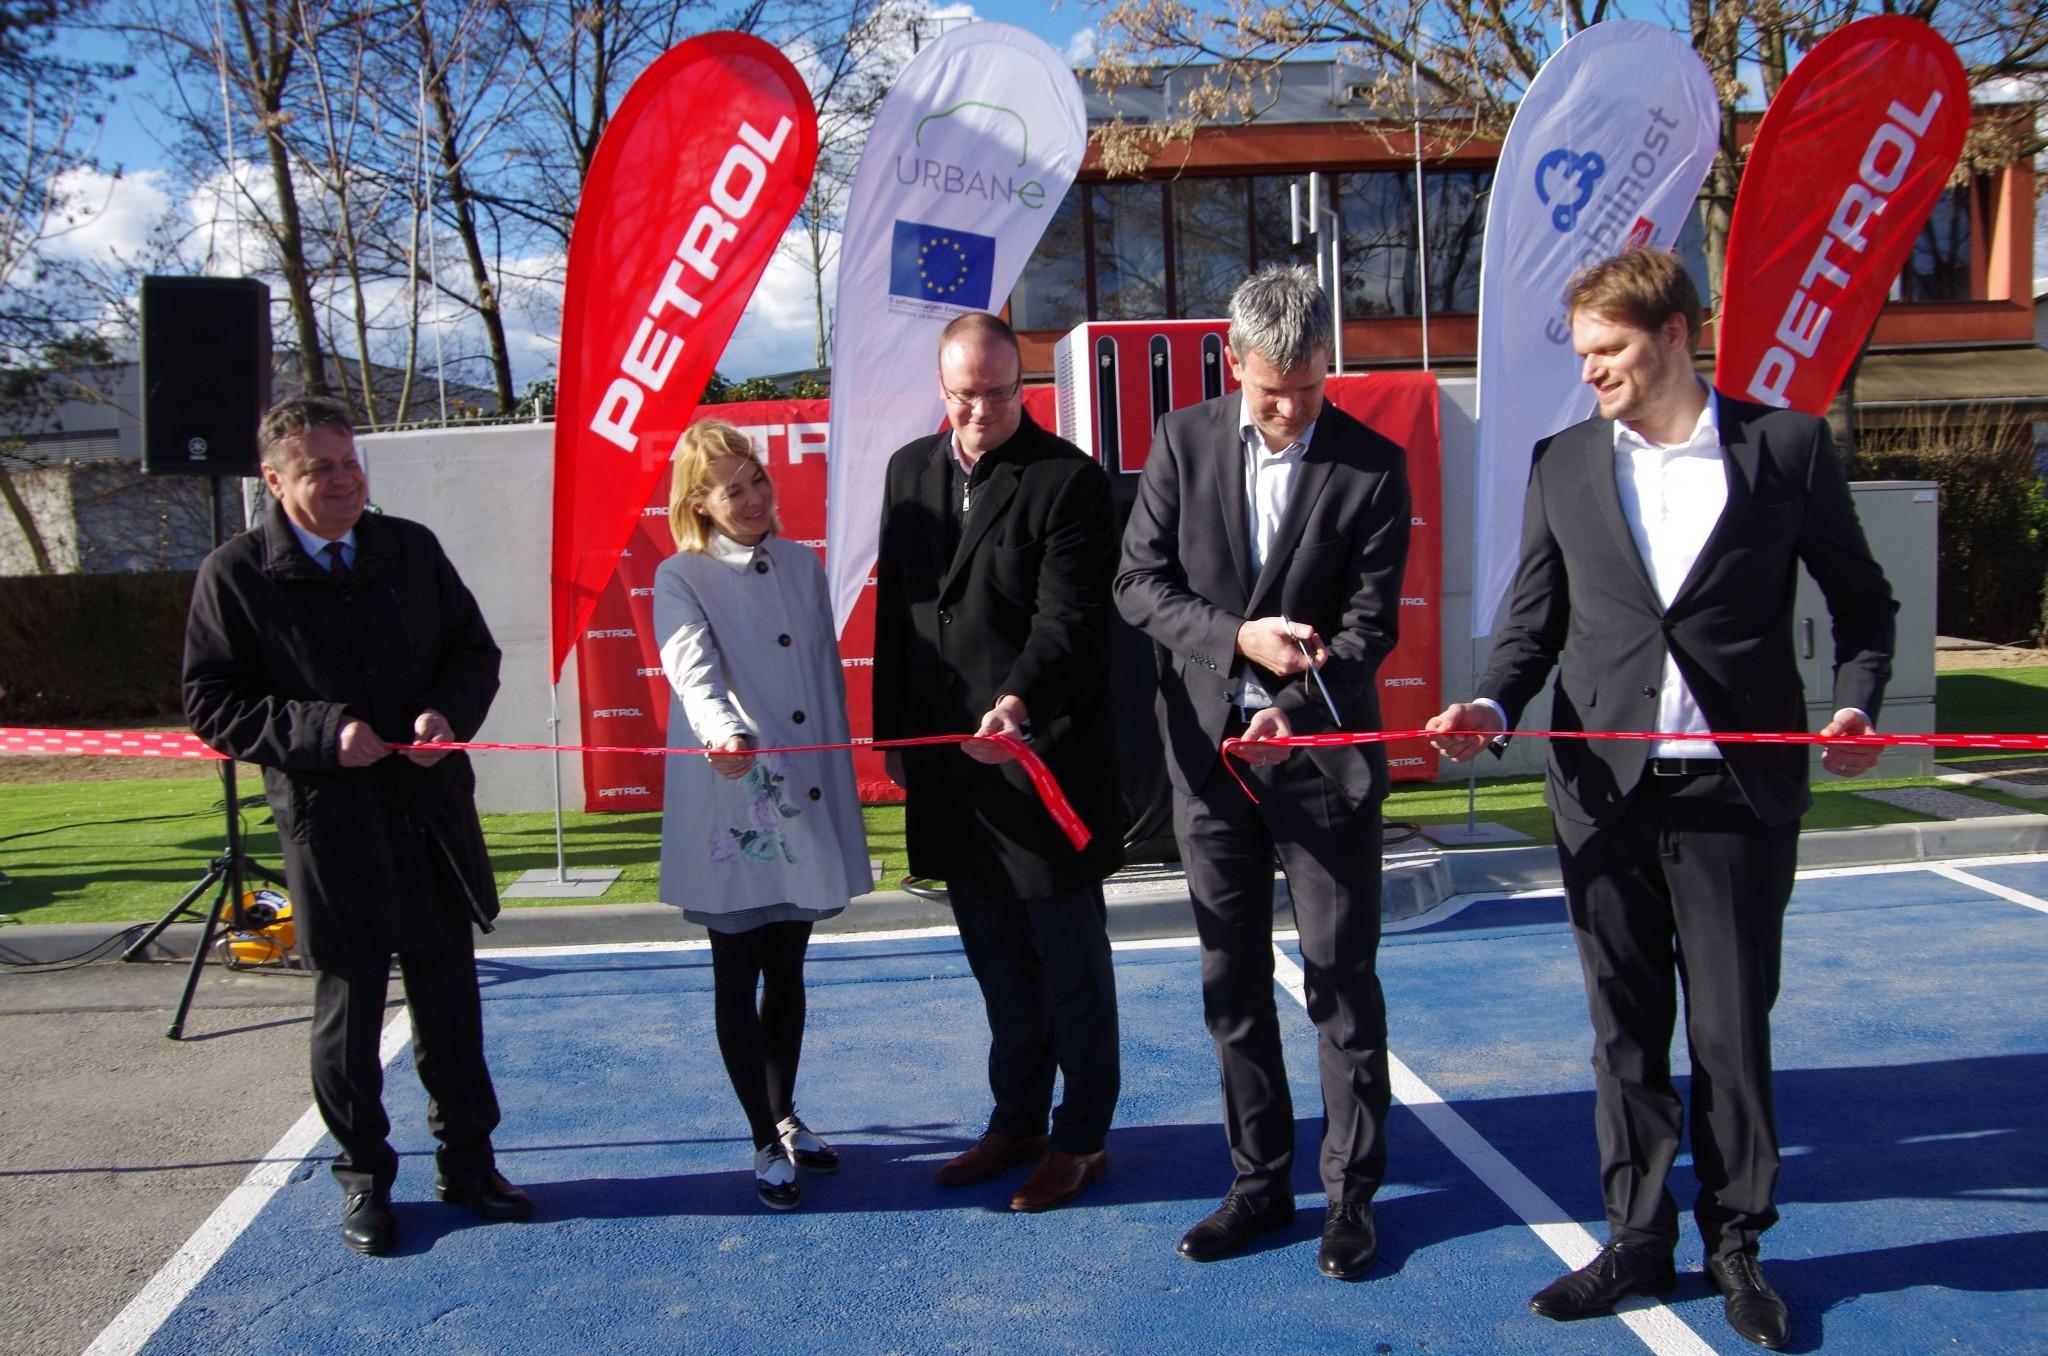 Prerez otvoritvenega traku (Zoran Janković, Tjaša Ficko, Blaž Pongarčič, Tomaž Berločnik, Miha Valentinčič)